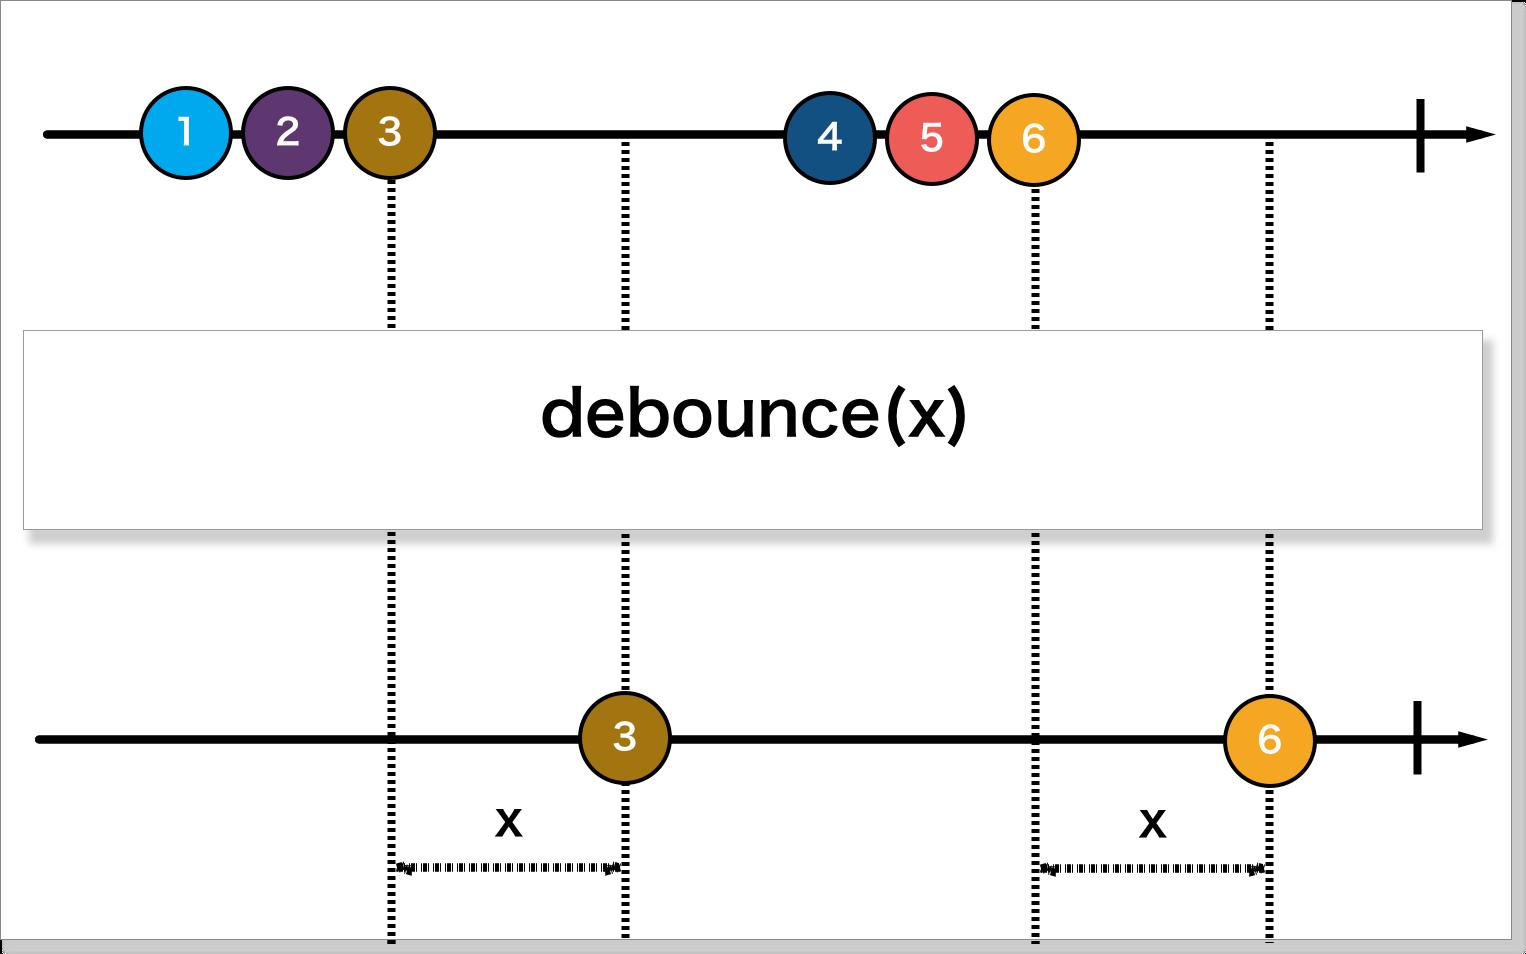 debounce.png